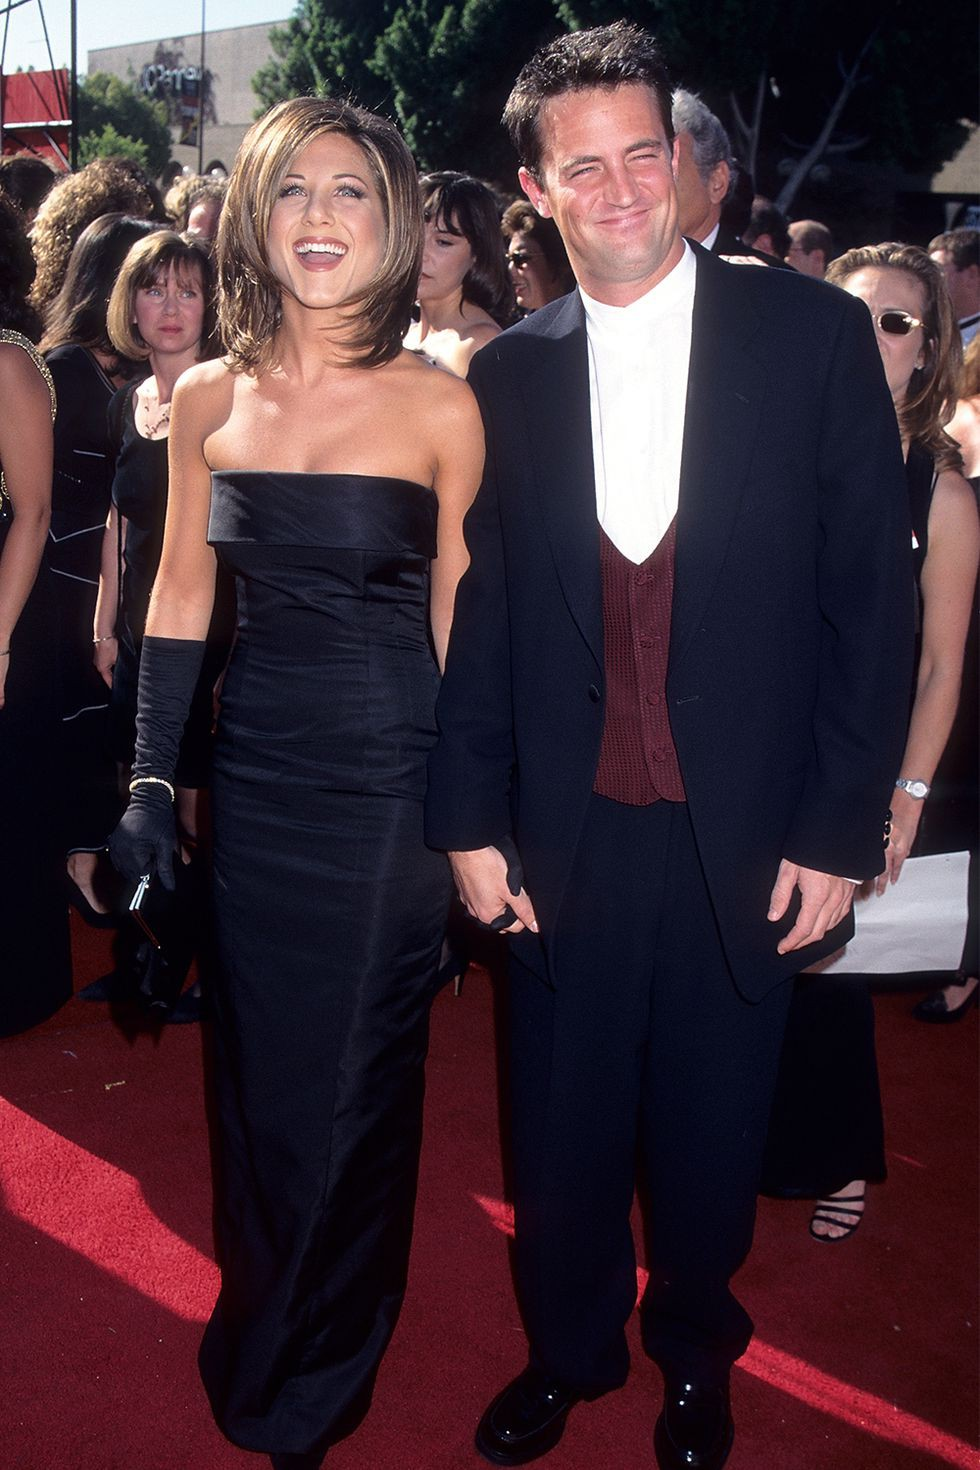 Xuất hiện tại lễ trao giải Emmy lần thứ 47, Jennifer đốn tim người hâm mộ với kiểu tóc biểu tượng của cô khi vào vai Rachel trong 'Friends', diện đầm quây trang nhã, tinh tế và hoàn thiện set đồ với đôi găng tay lụa tông xuyệt tông với chiếc váy. Bạn diễn của Jennifer - Mathew Perry đầy lịch lãm khi diện bộ suits với điểm nhấn nổi bật là chiếc áo gilet màu đỏ rượu bên trong.